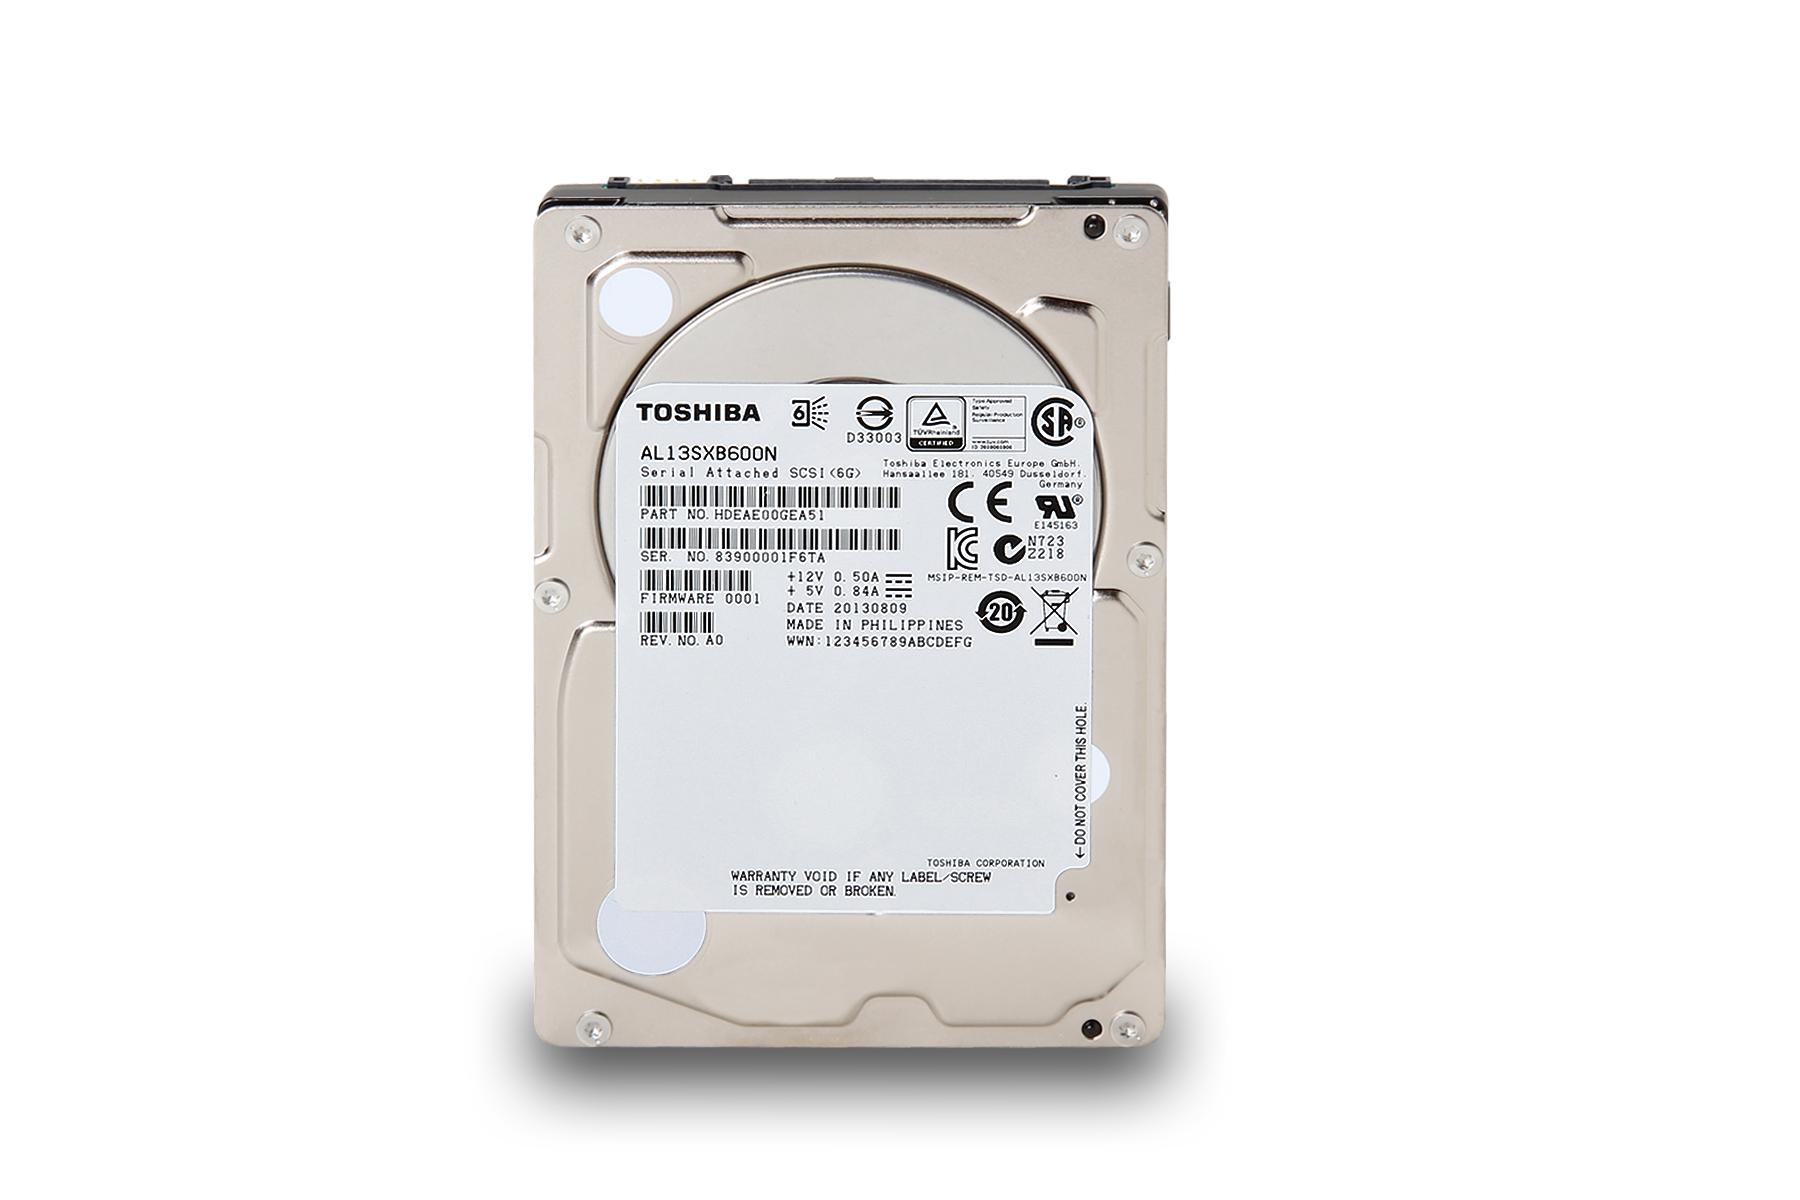 引領新世代,Toshiba推出AL13SX 系列企業用硬碟。